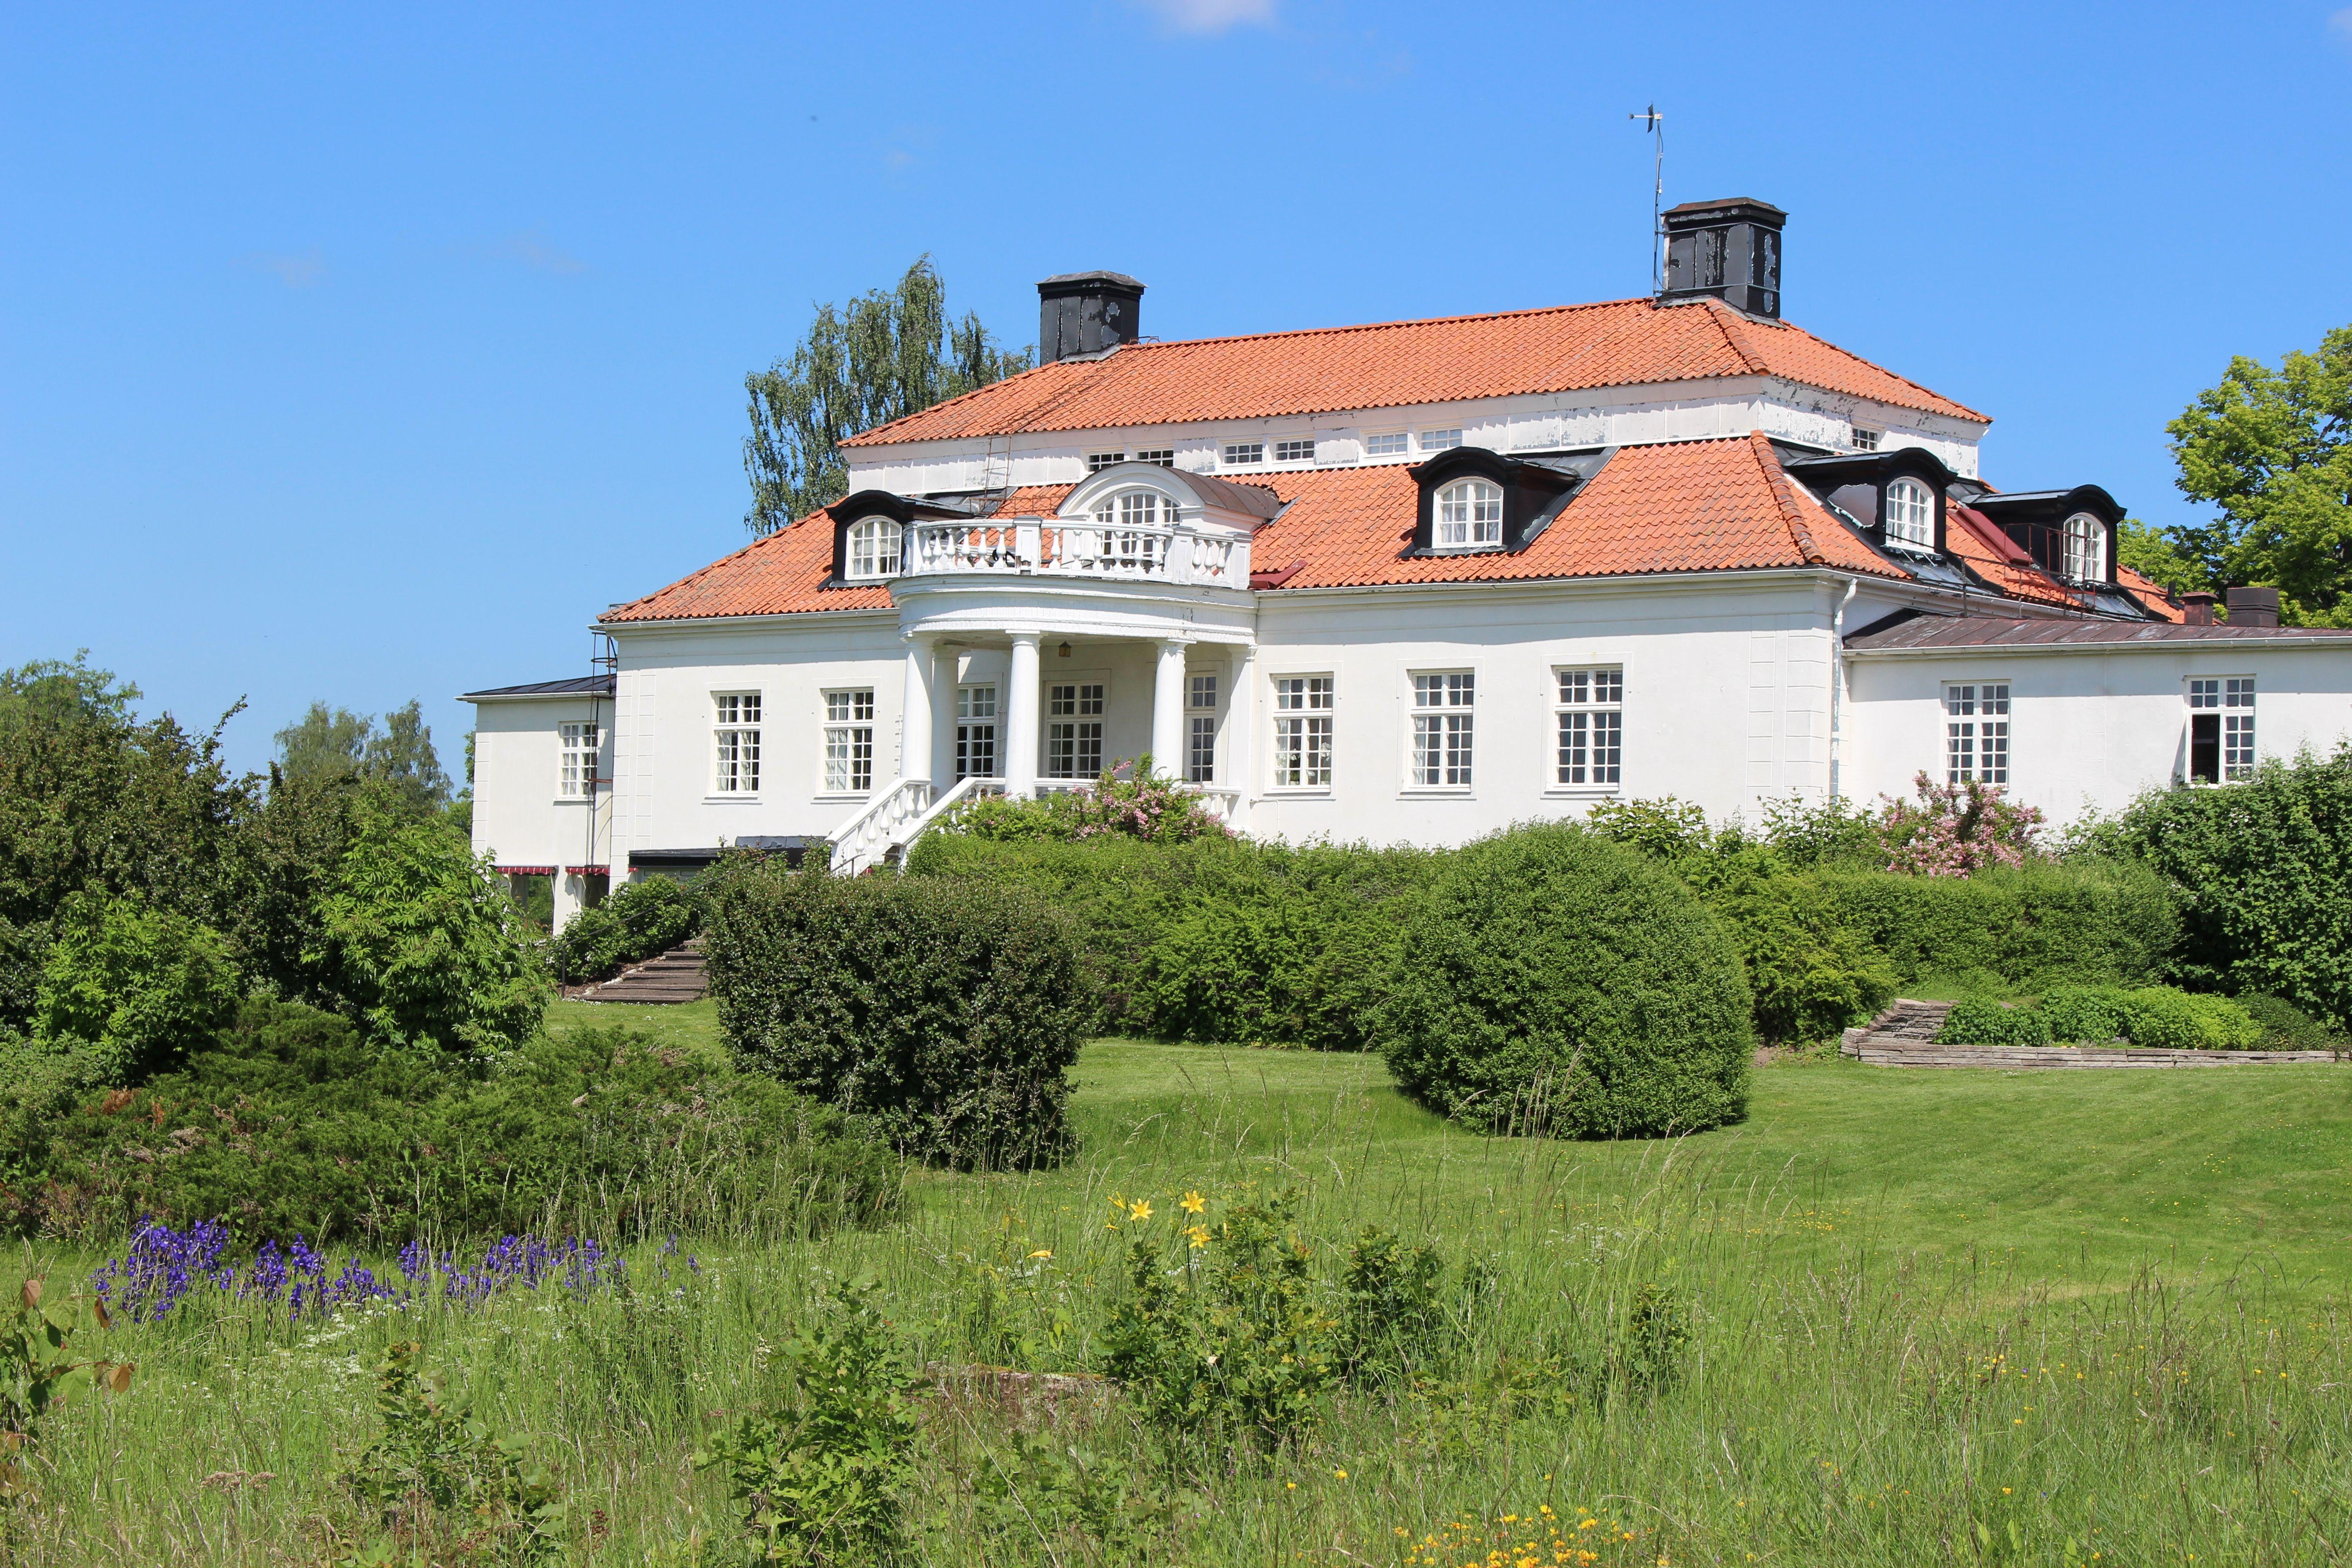 Liljeholmen herrgård med blommor framför